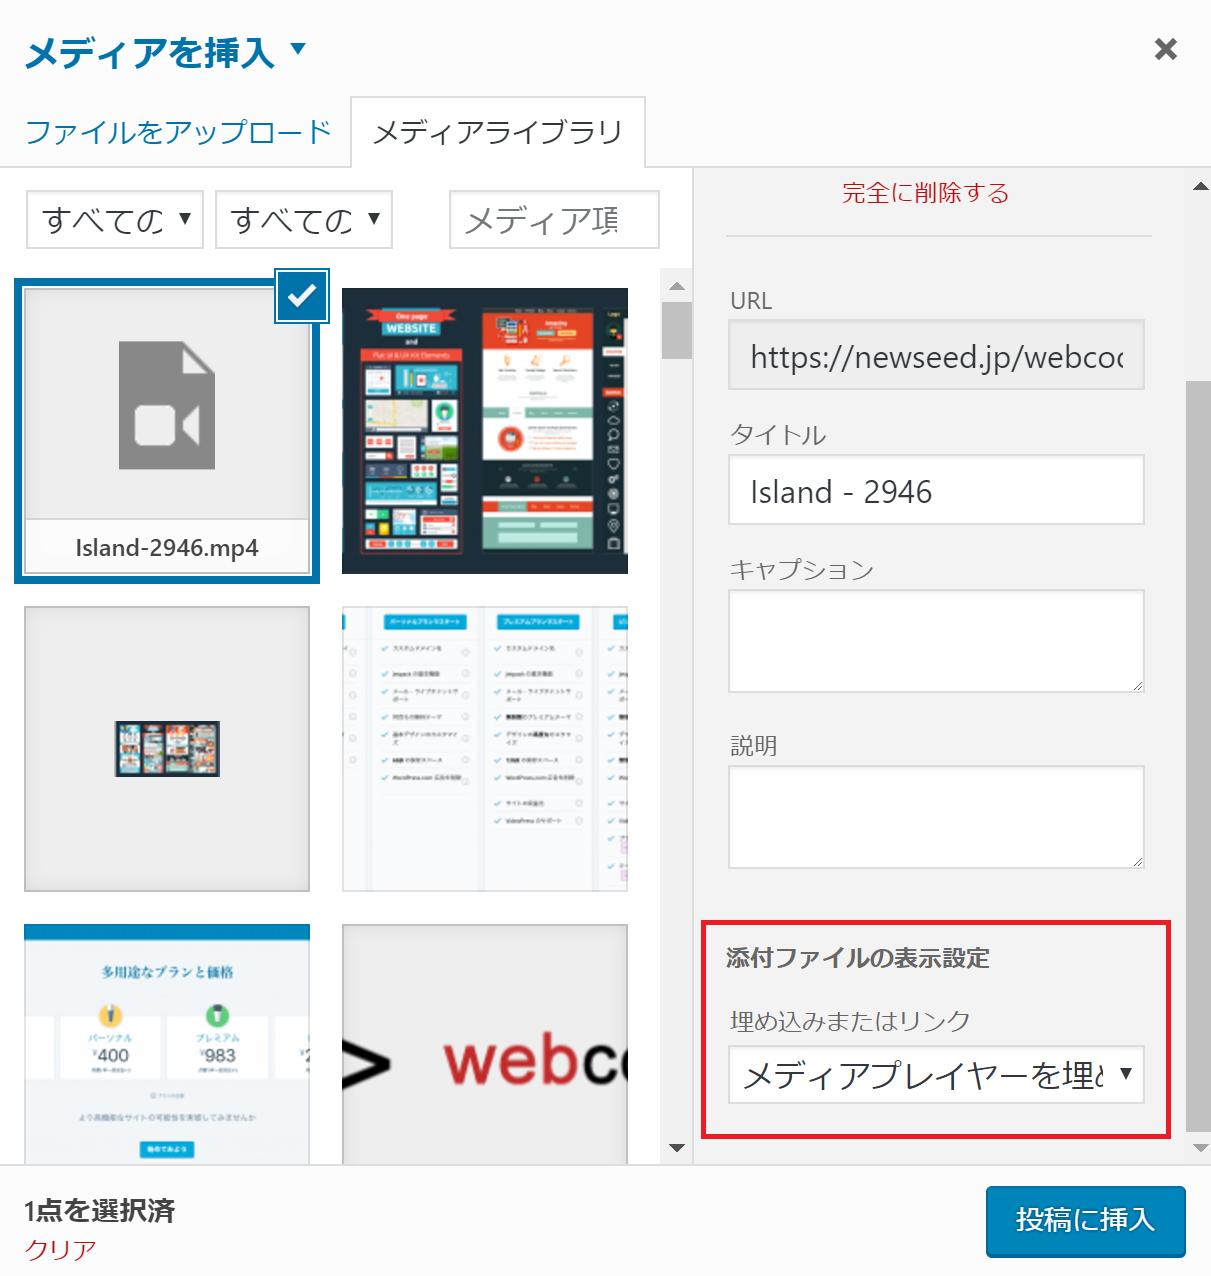 video upload - WordPressに動画をアップロードしたい!できない時の対処法やおすすめプラグイン